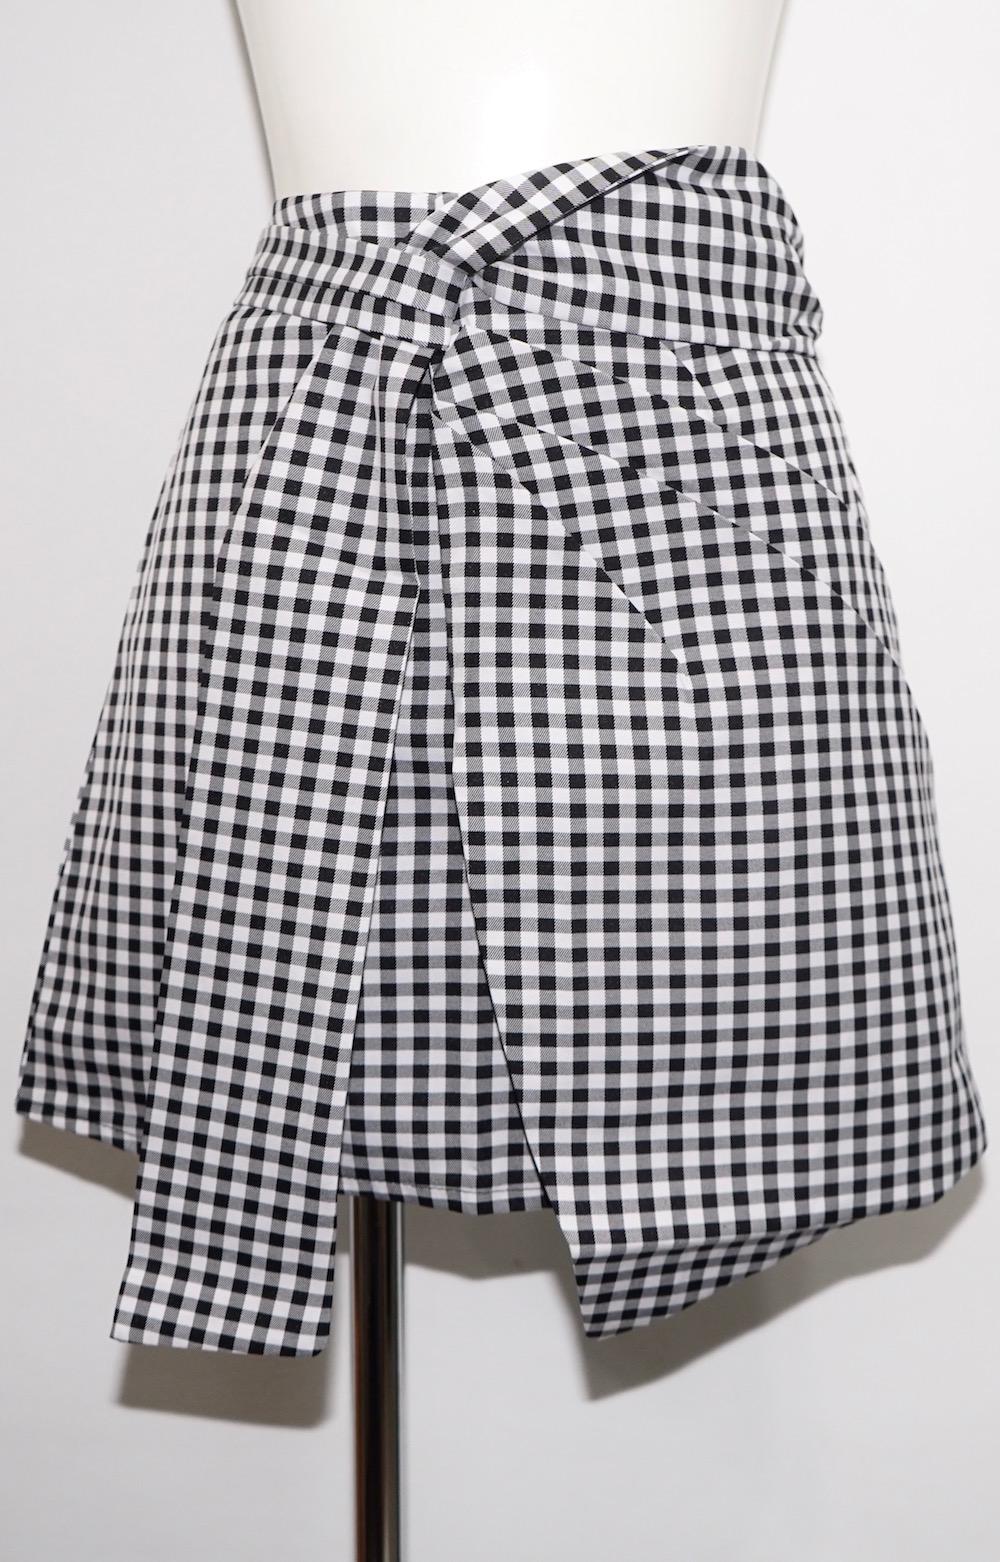 Gingham Check Irregular Mini Skirt